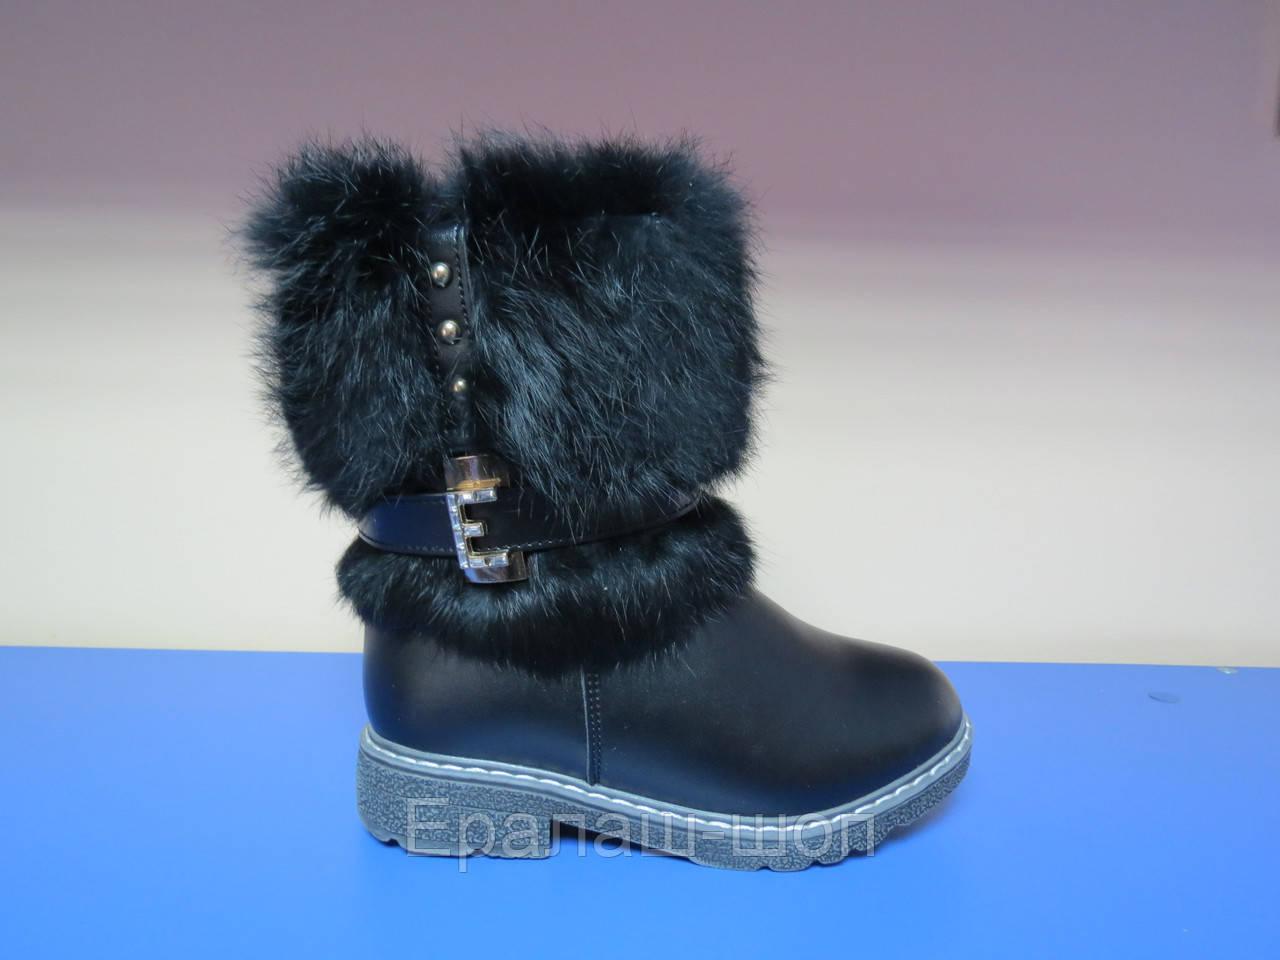 9a04beb59 Распродажа!Зимние сапоги/ботинки для девочек 27р(17.5 см стелька) - Ералаш